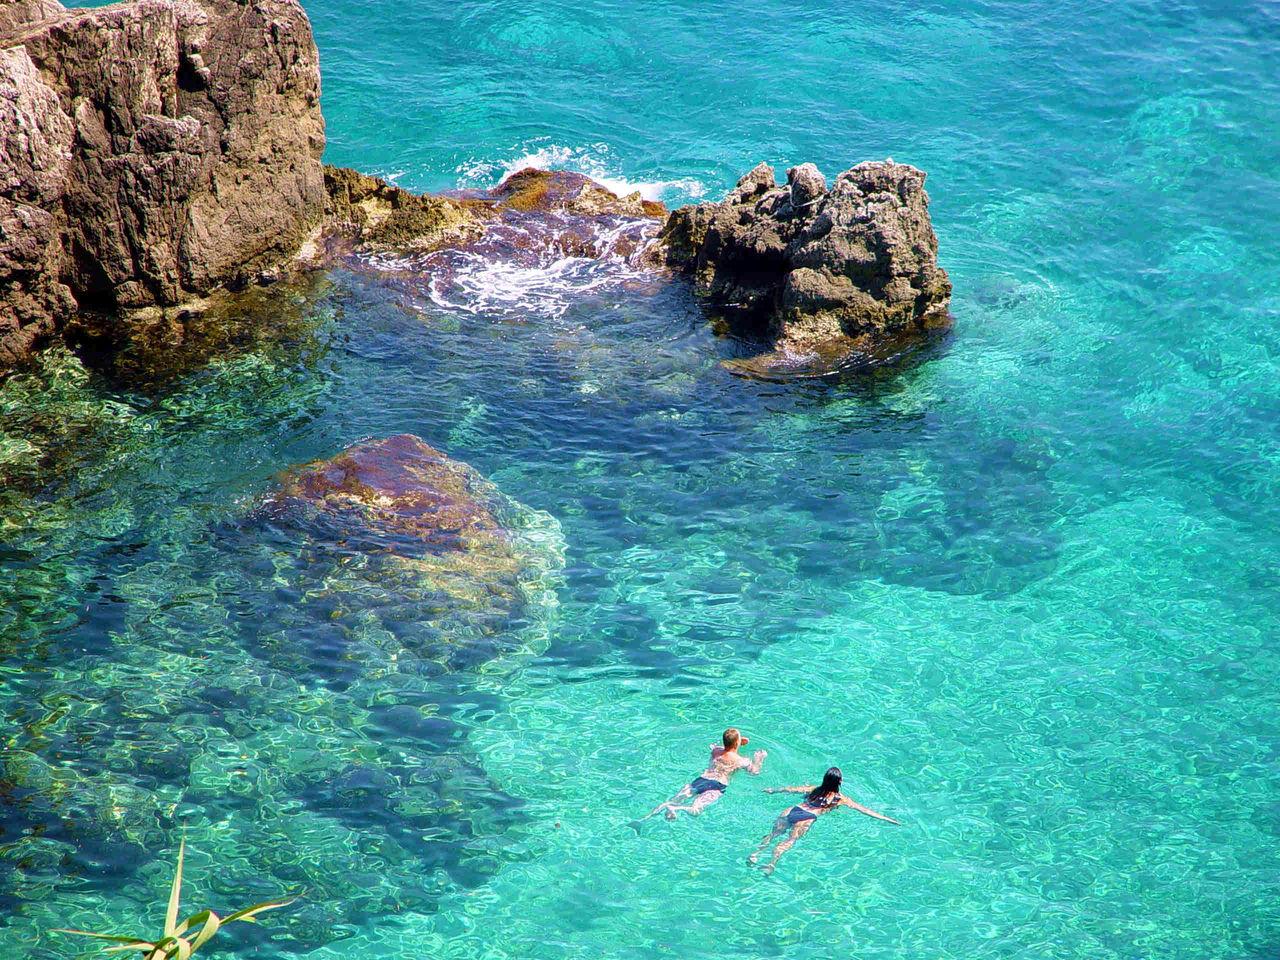 ギリシャのおすすめ観光スポット!遺跡&サンセット&グルメで癒されて、満たされる♡